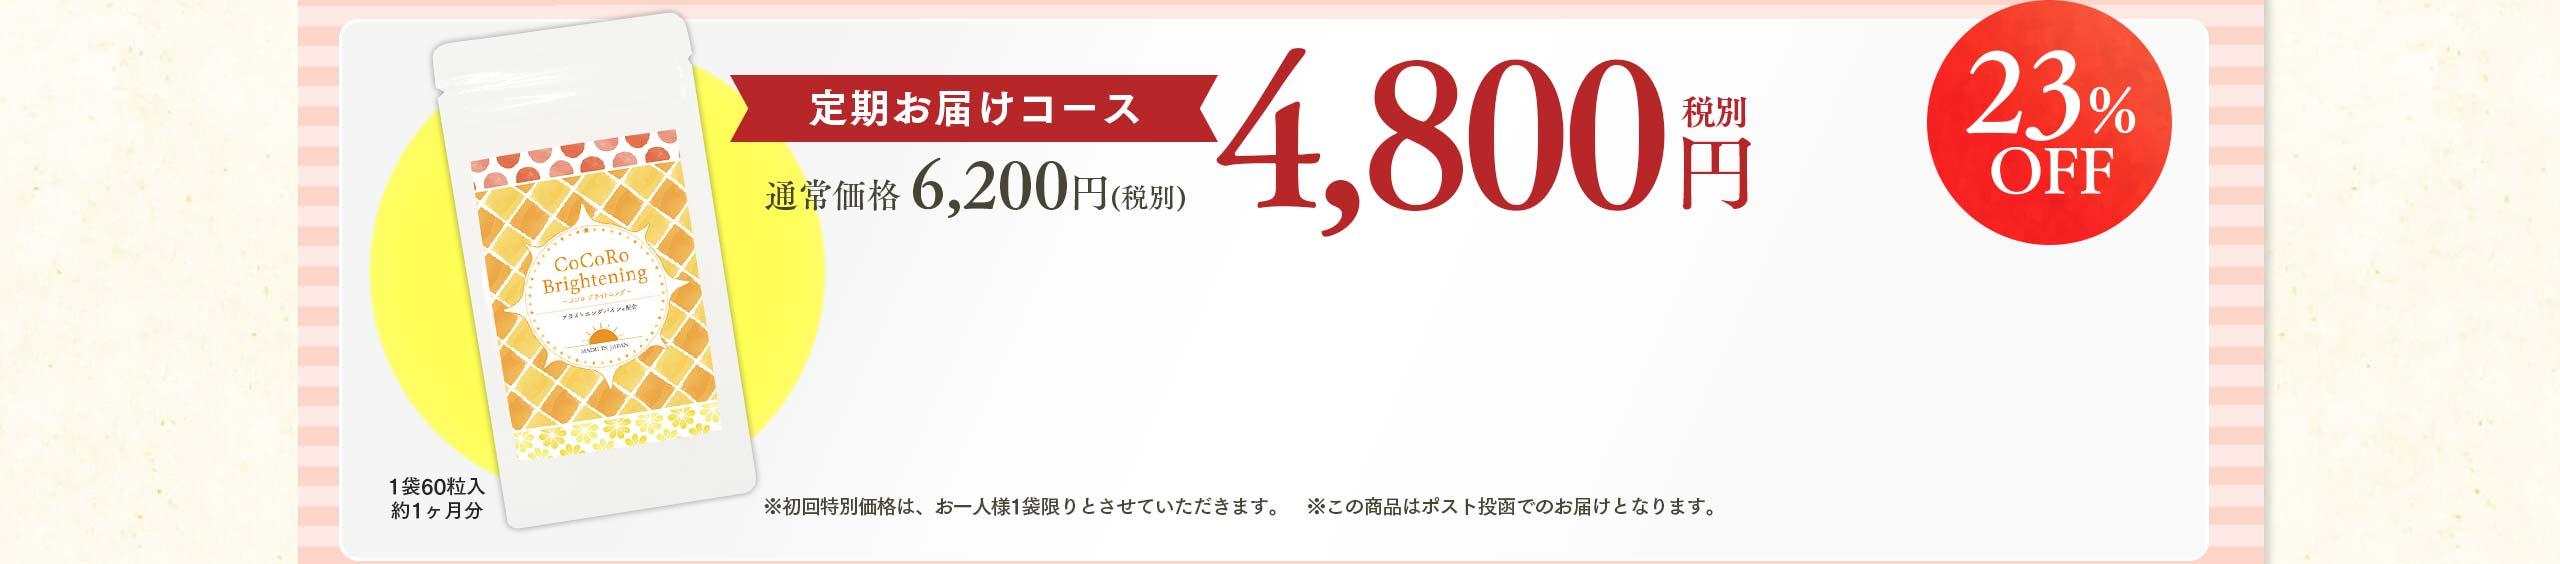 定期お届けコース通常価格6,200円(税別)が4,800円(税別)!1袋60粒入り約1ヶ月分。※初回特別価格はお一人様1袋限りとさせていただきます。この商品はポスト投函でのお届けとなります。